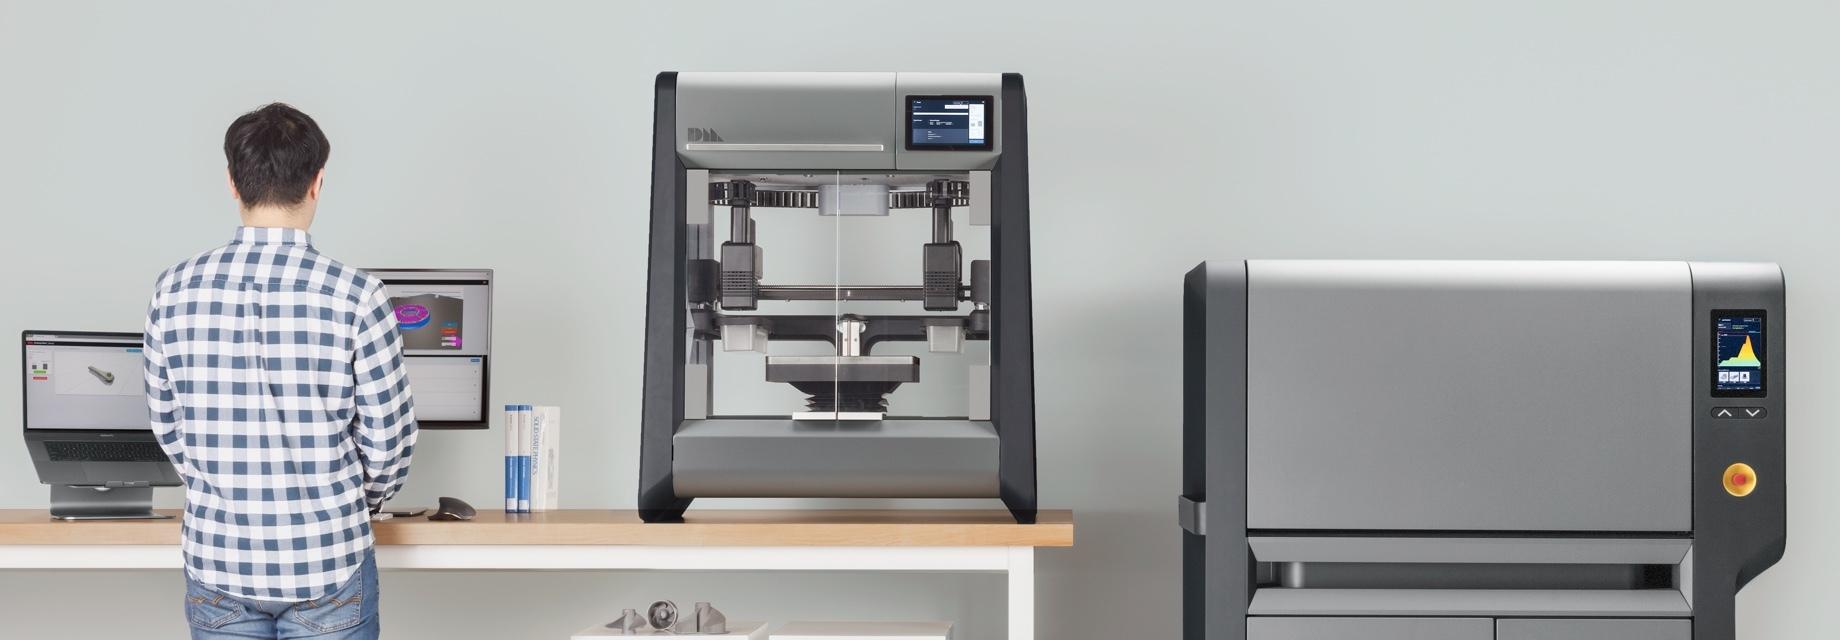 デスクトップ・メタルが高性能・高速メタル3Dプリンター二機種をリリース